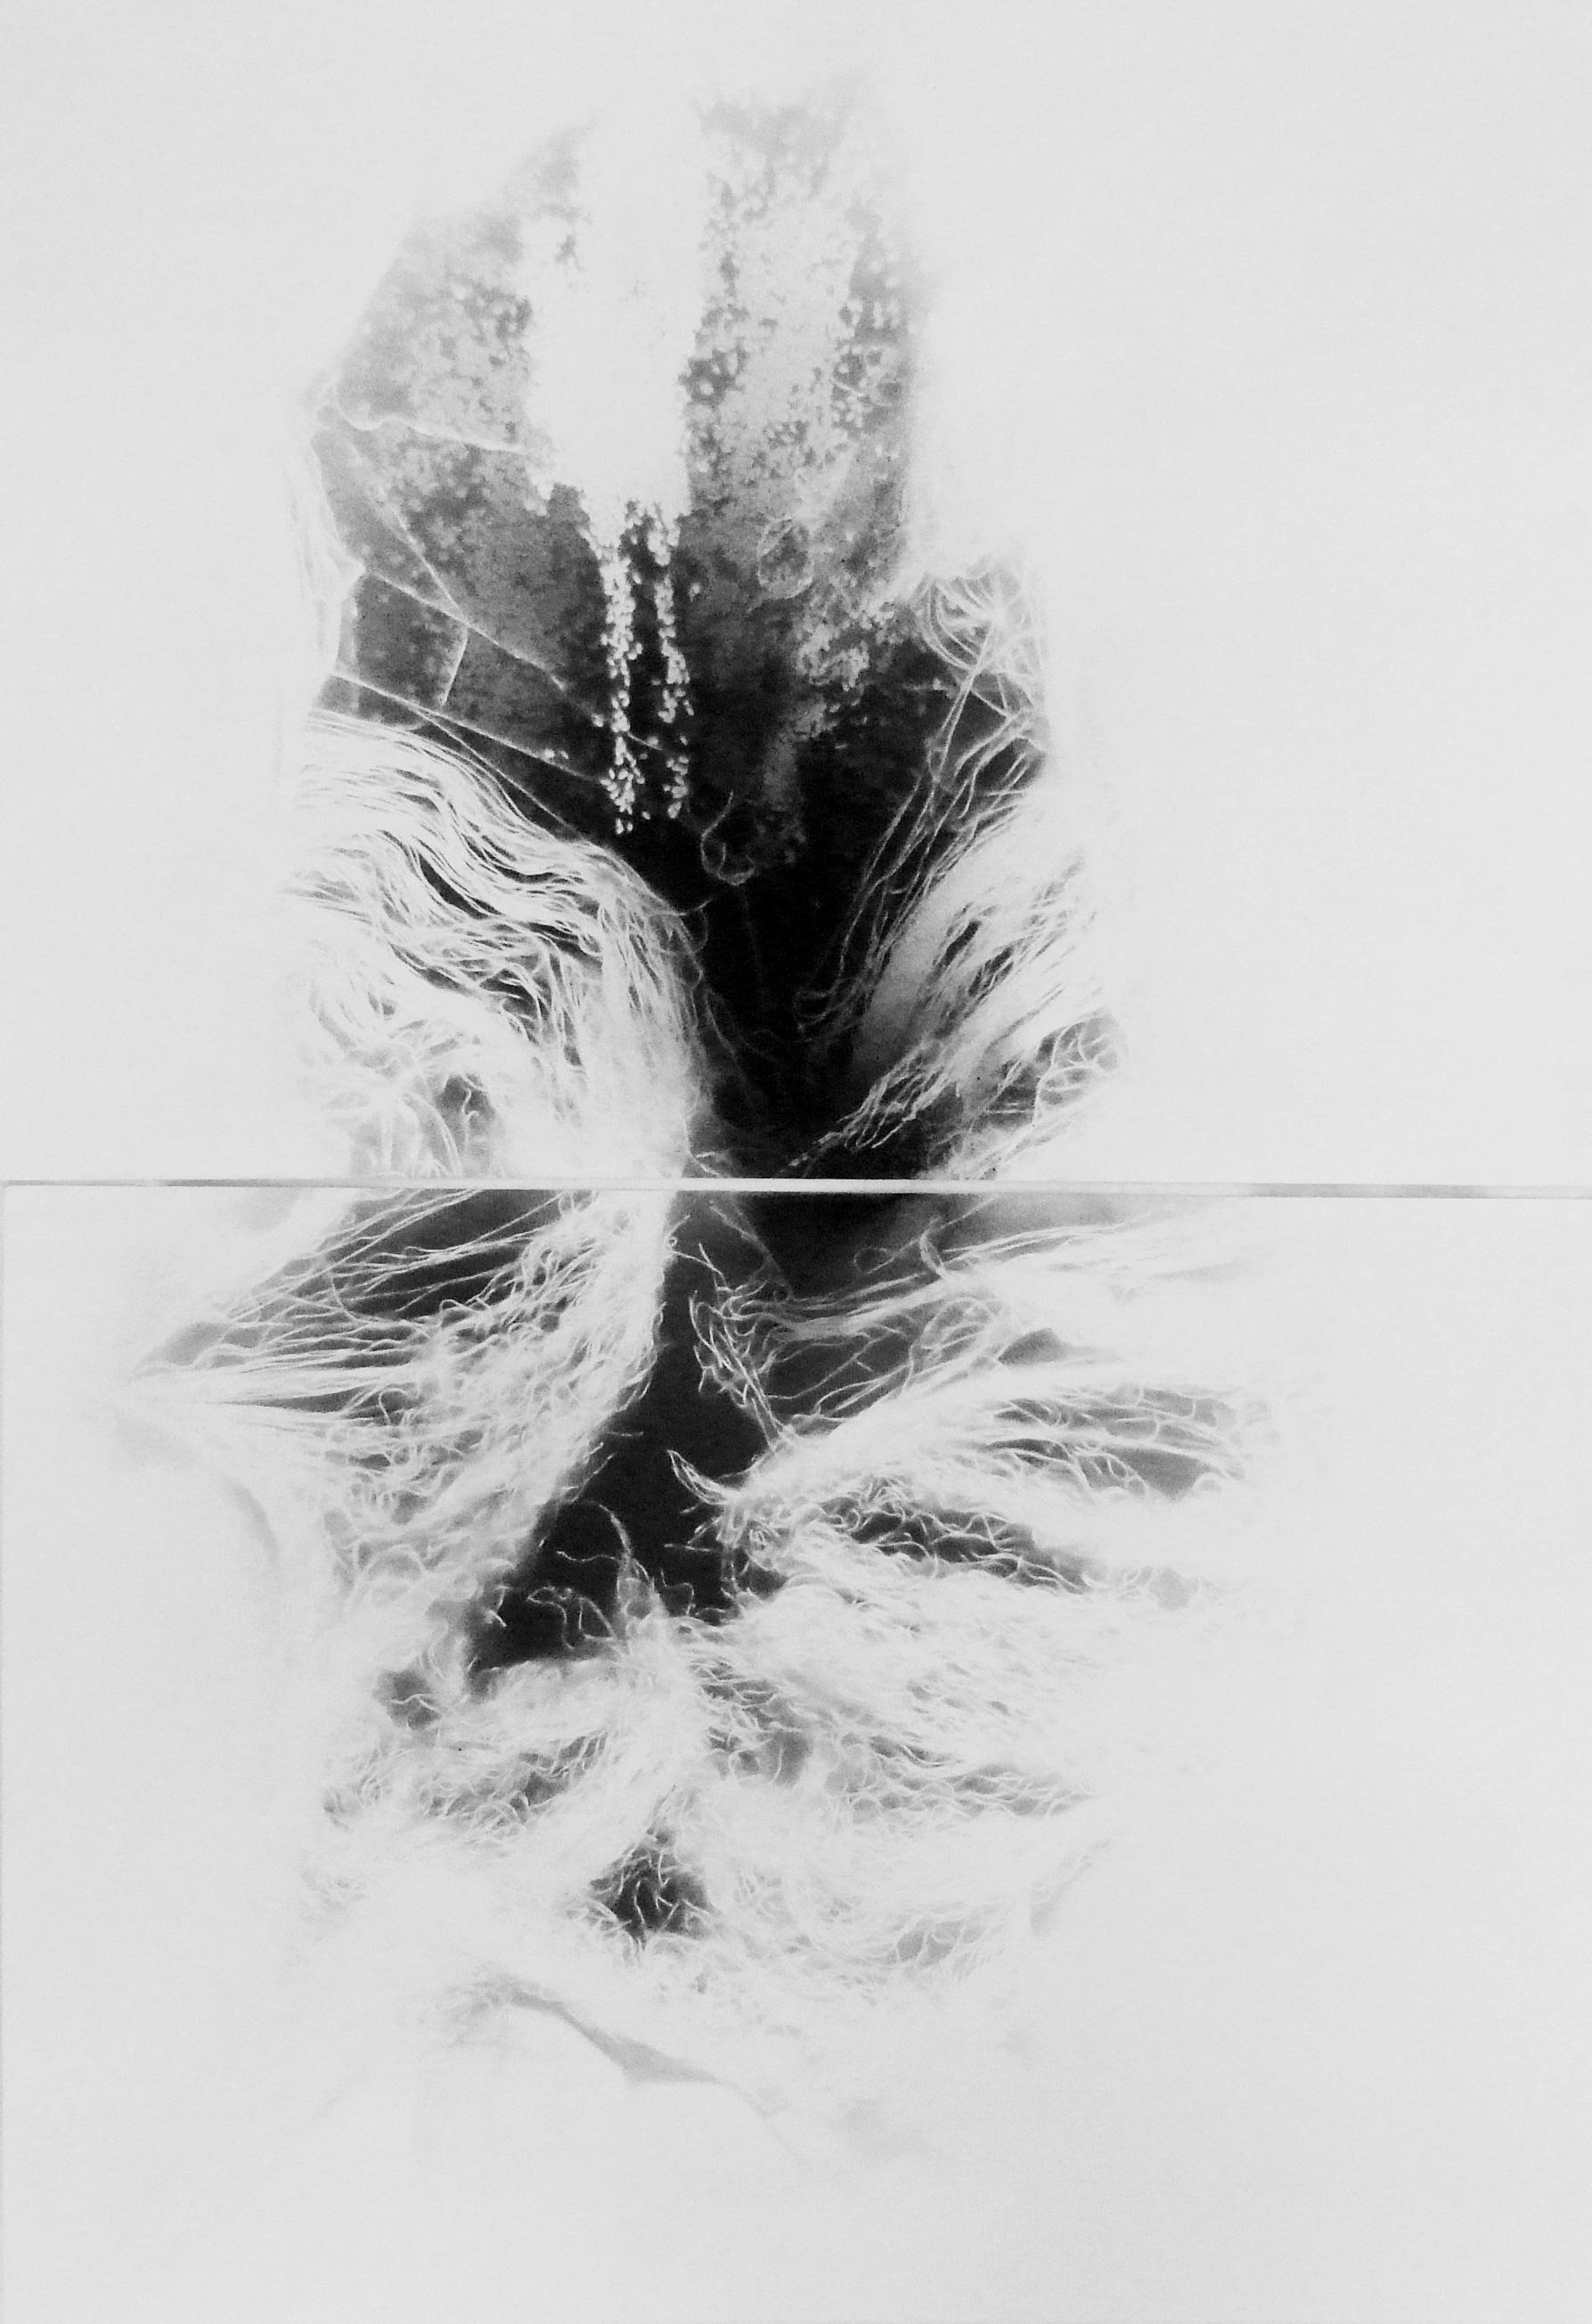 solaris, disegno con polvere di grafite su carta,100x70 2010